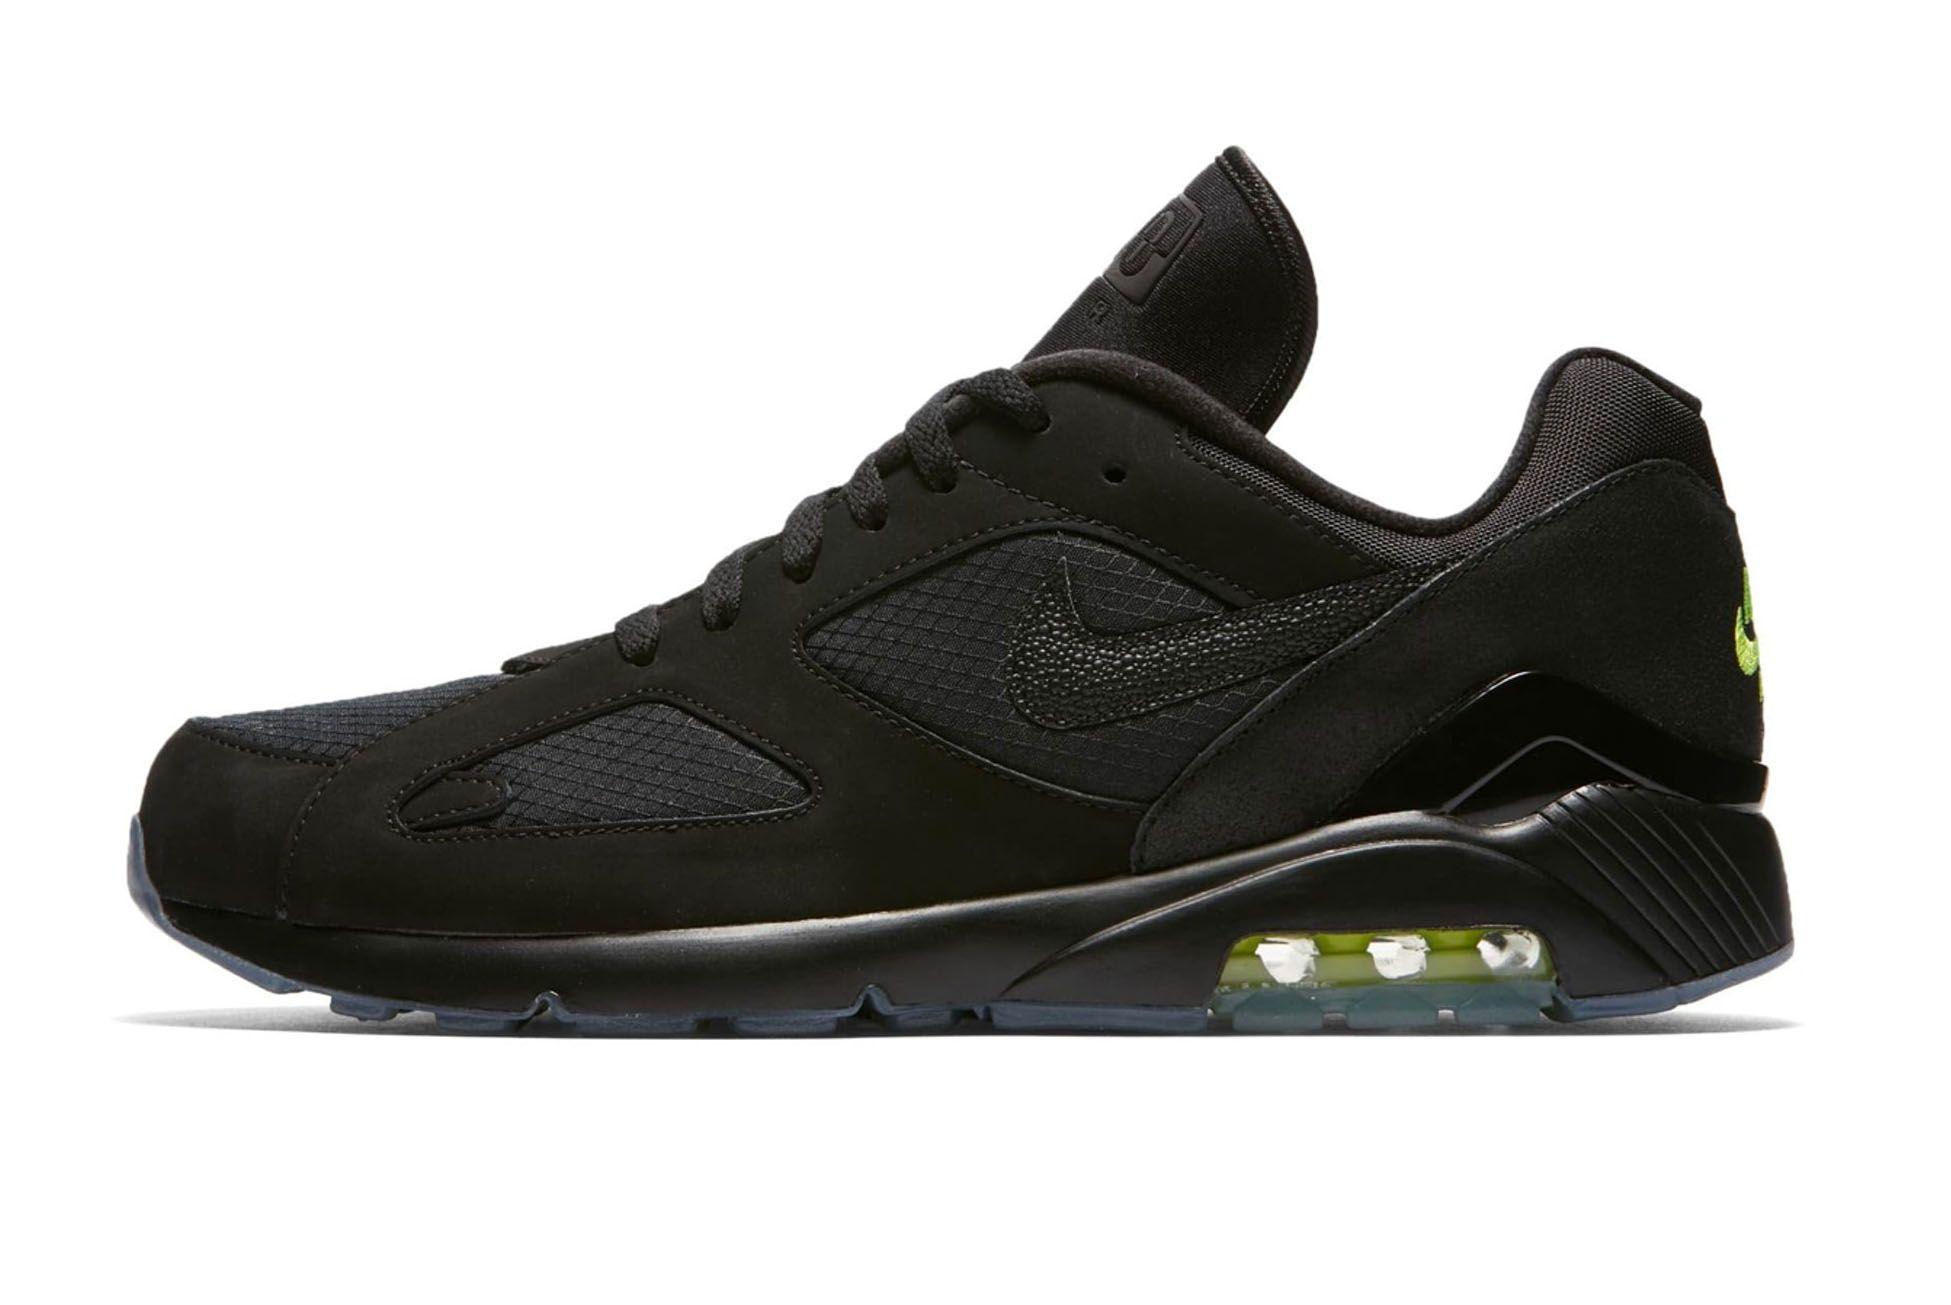 Nike Air Max 180 Black Volt First Look 001 Sneaker Freaker